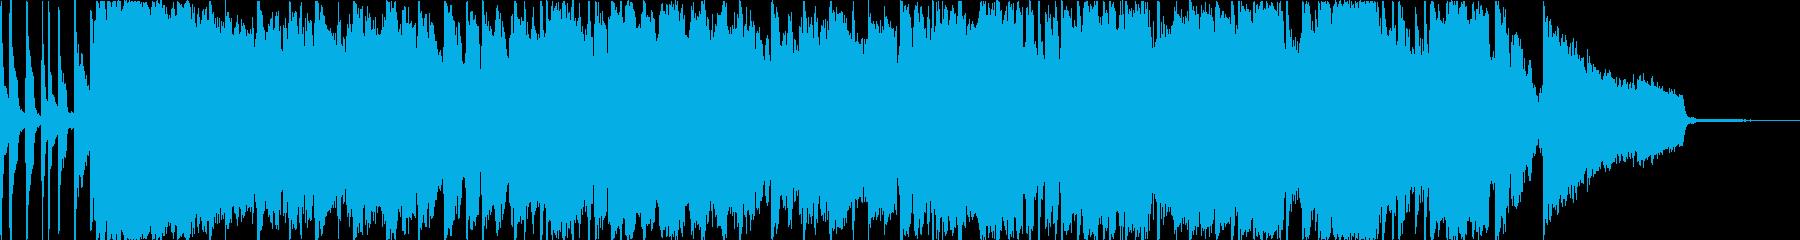 女性ボーカルの大人っぽいおしゃれソングの再生済みの波形